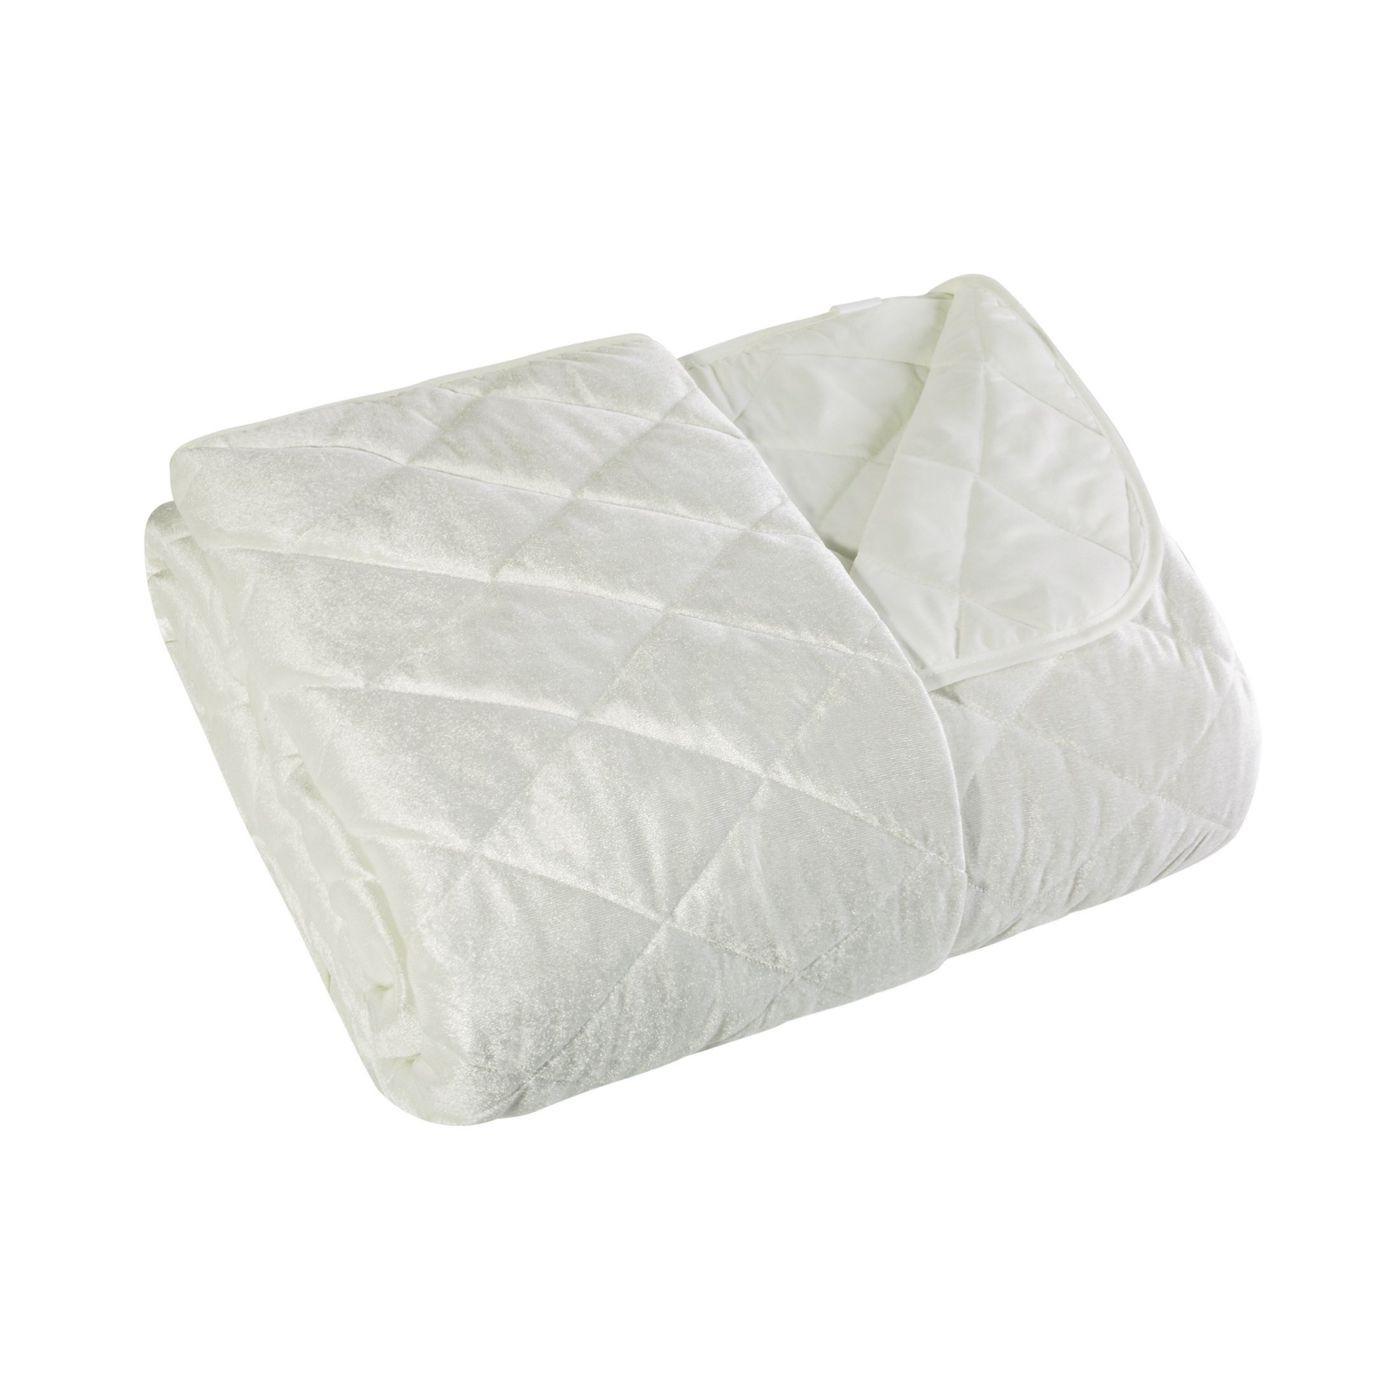 Narzuta na łóżko welwetowa pikowana 200x220 cm kremowa